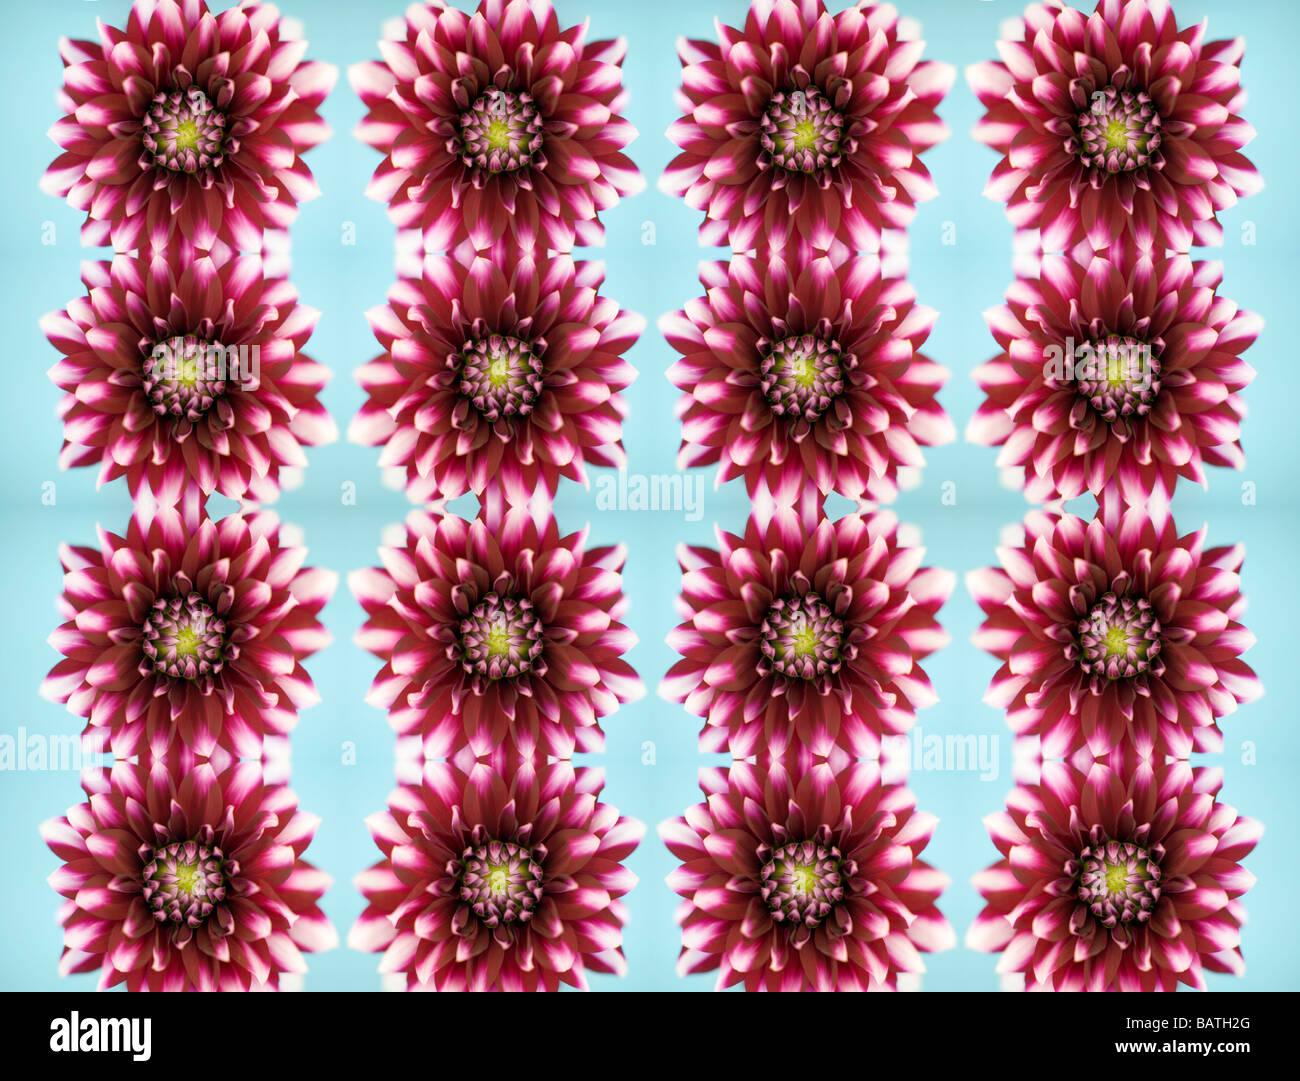 Dahlia fiori, immagine astratta. Immagini Stock